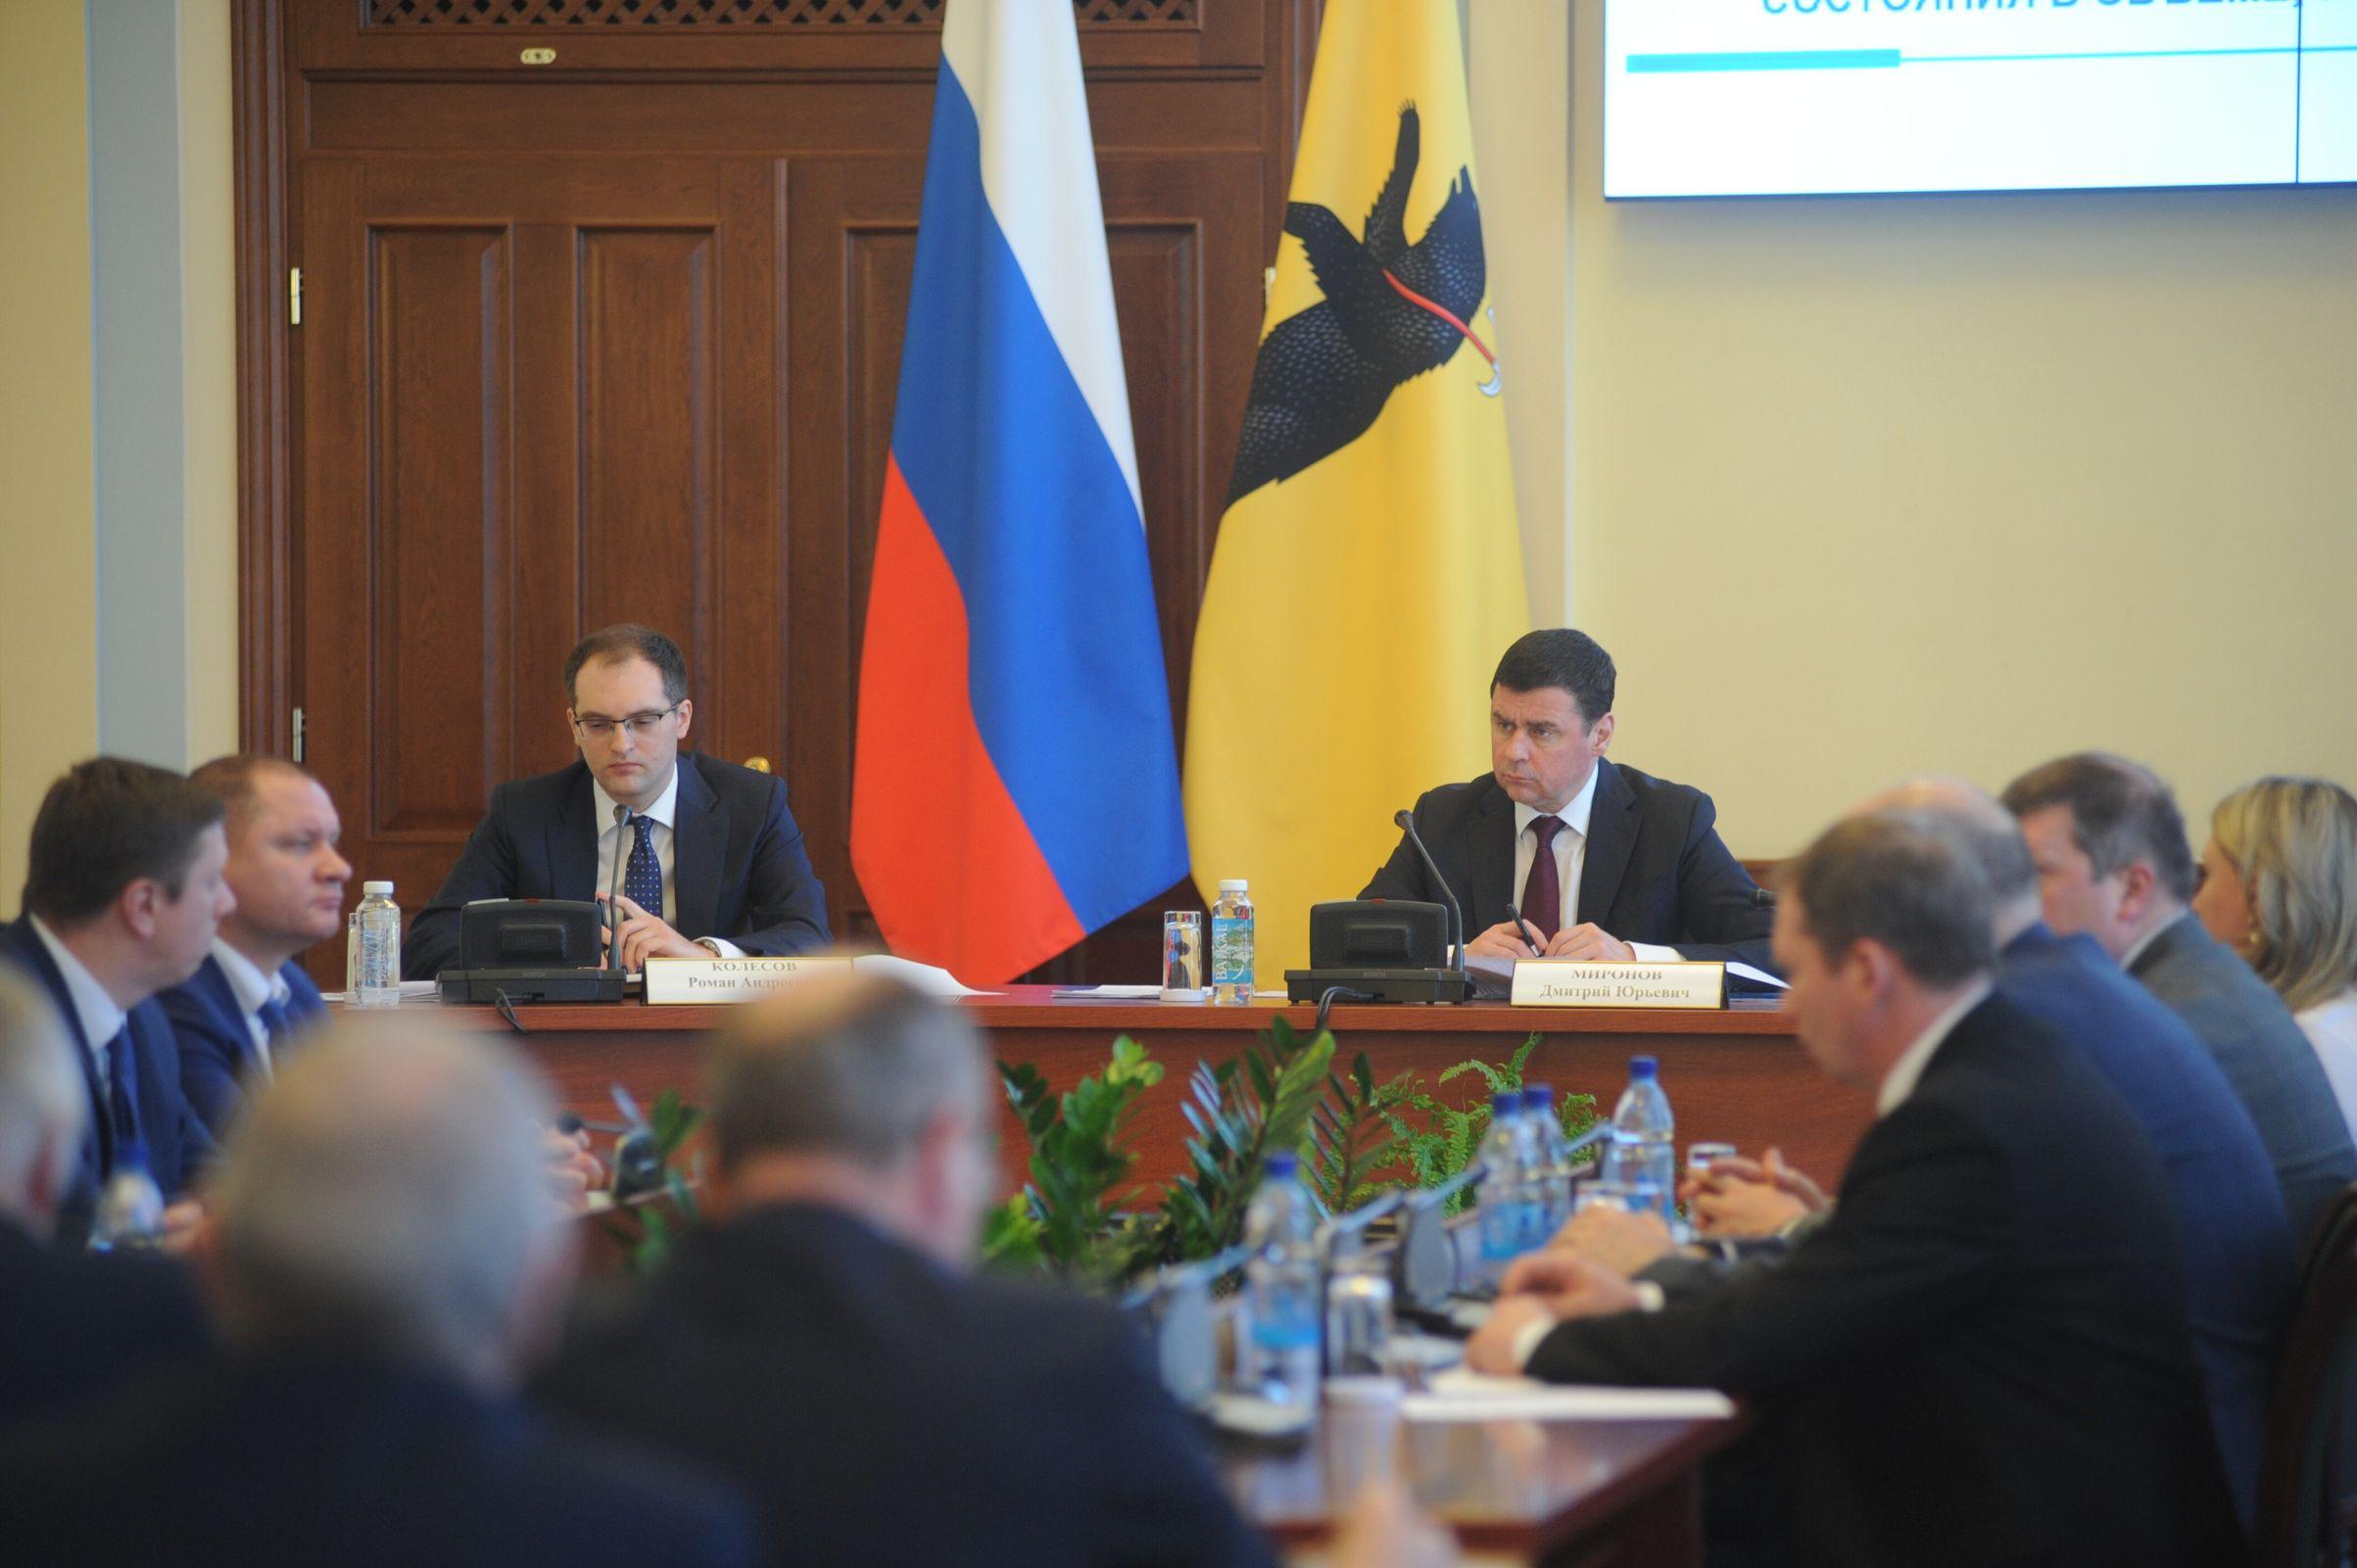 Включение региональных органов ЗАГС в единую государственную информационную систему проведено успешно – Миронов